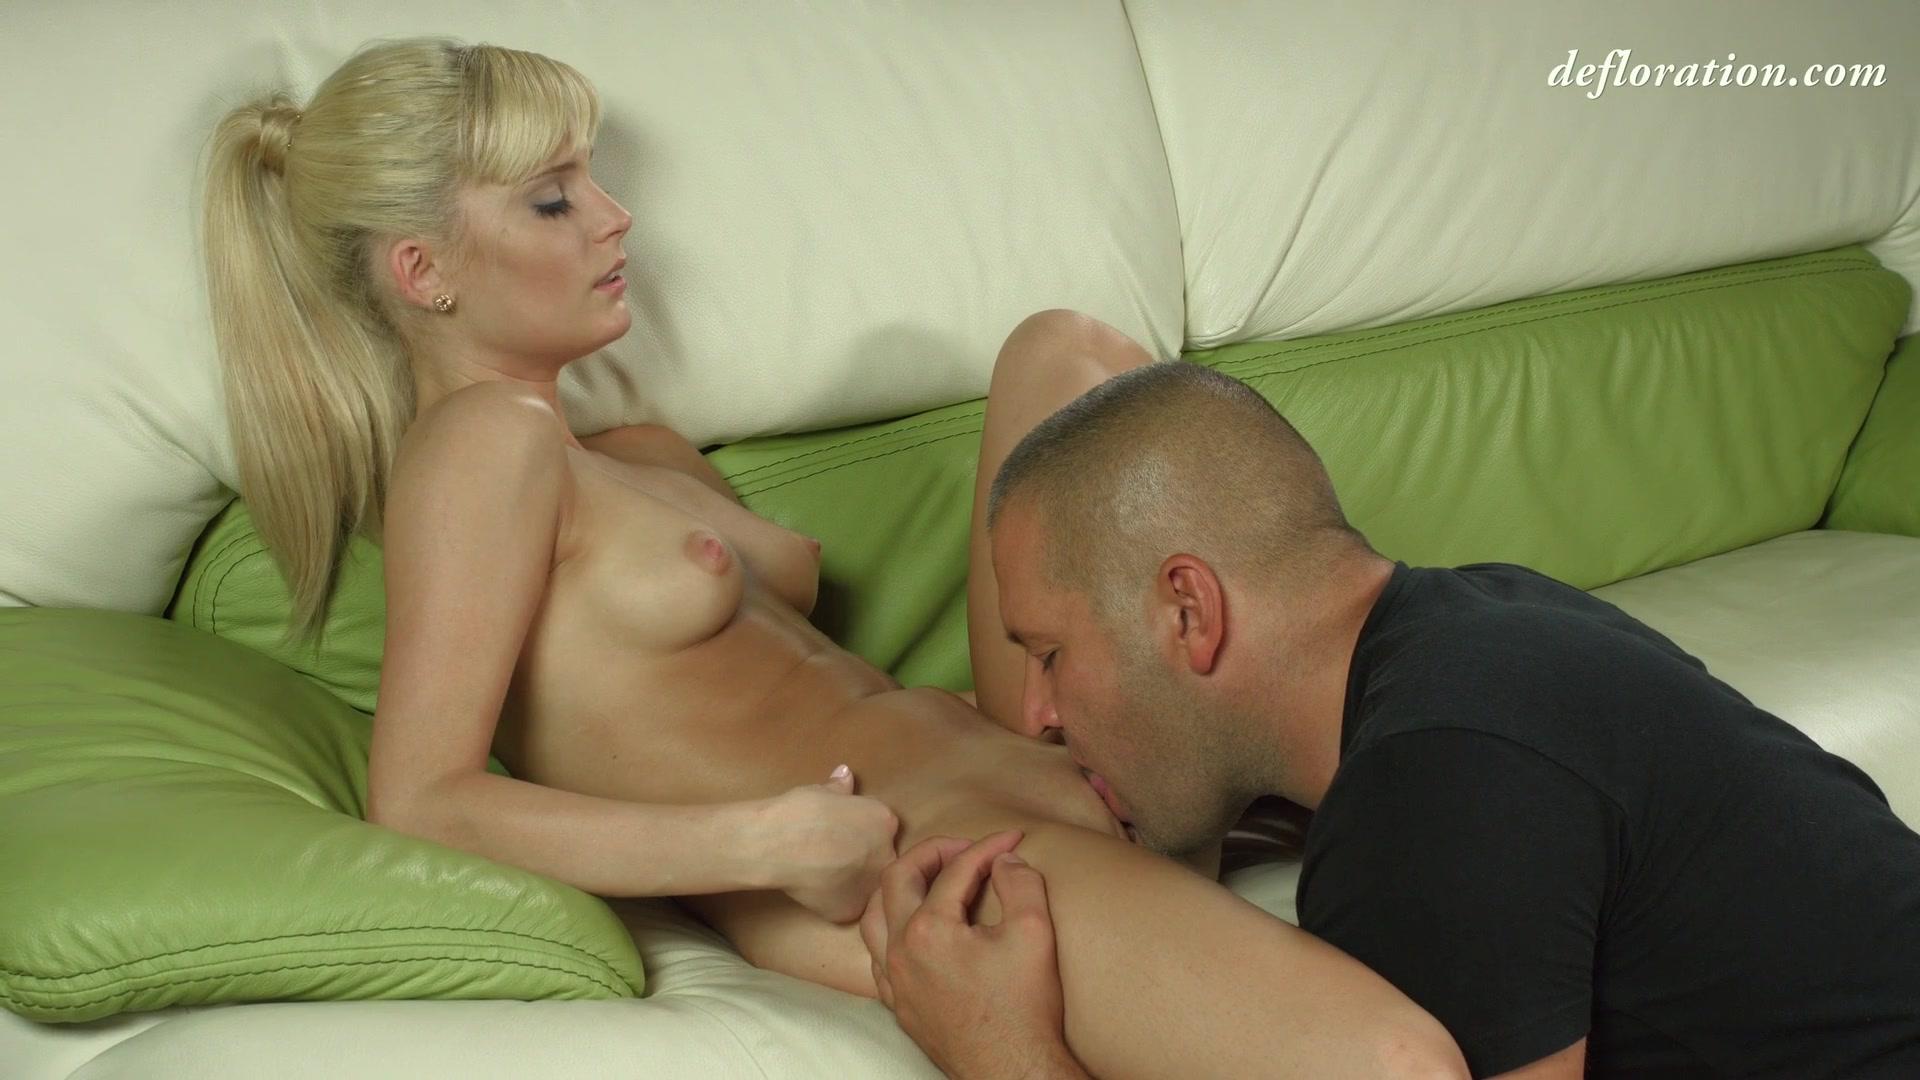 Милая Блондинка С Идеальными Формами Позирует Для Тебя Порно И Секс Фото С Блондинками